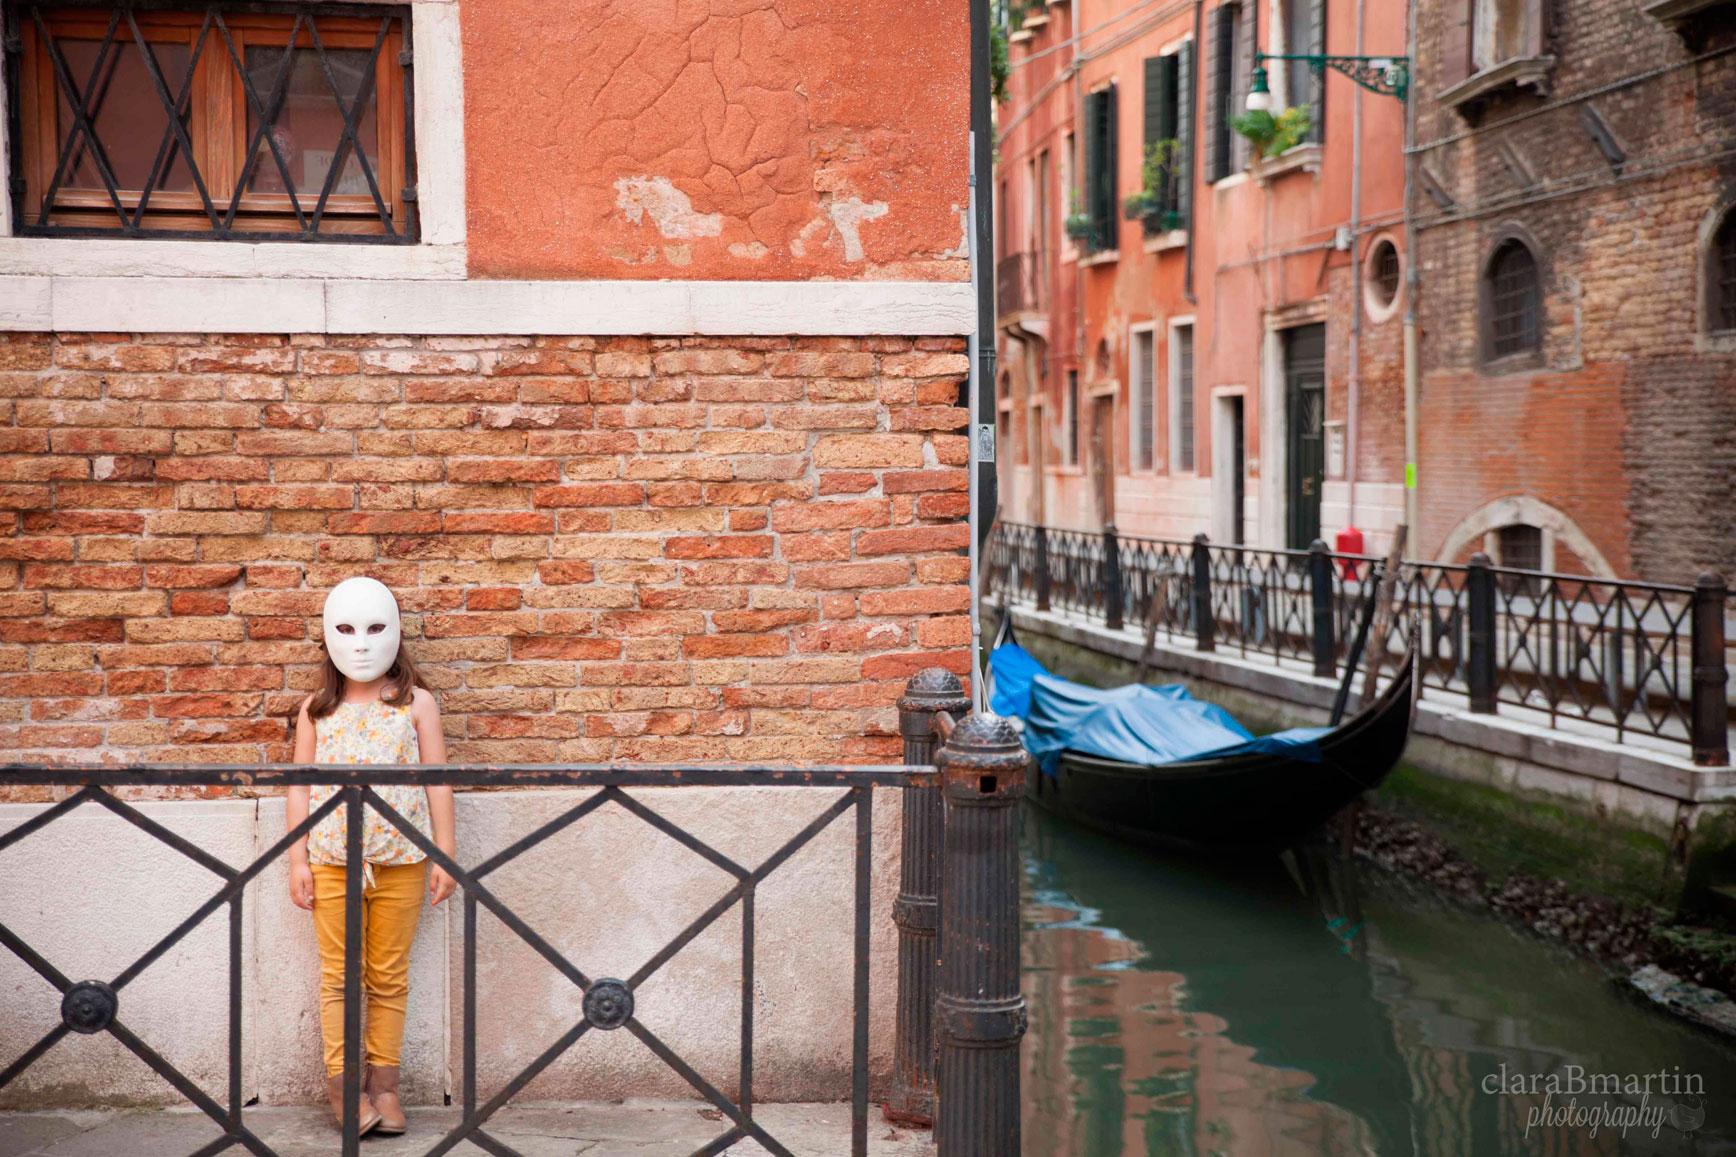 Venecia_claraBmartin_19